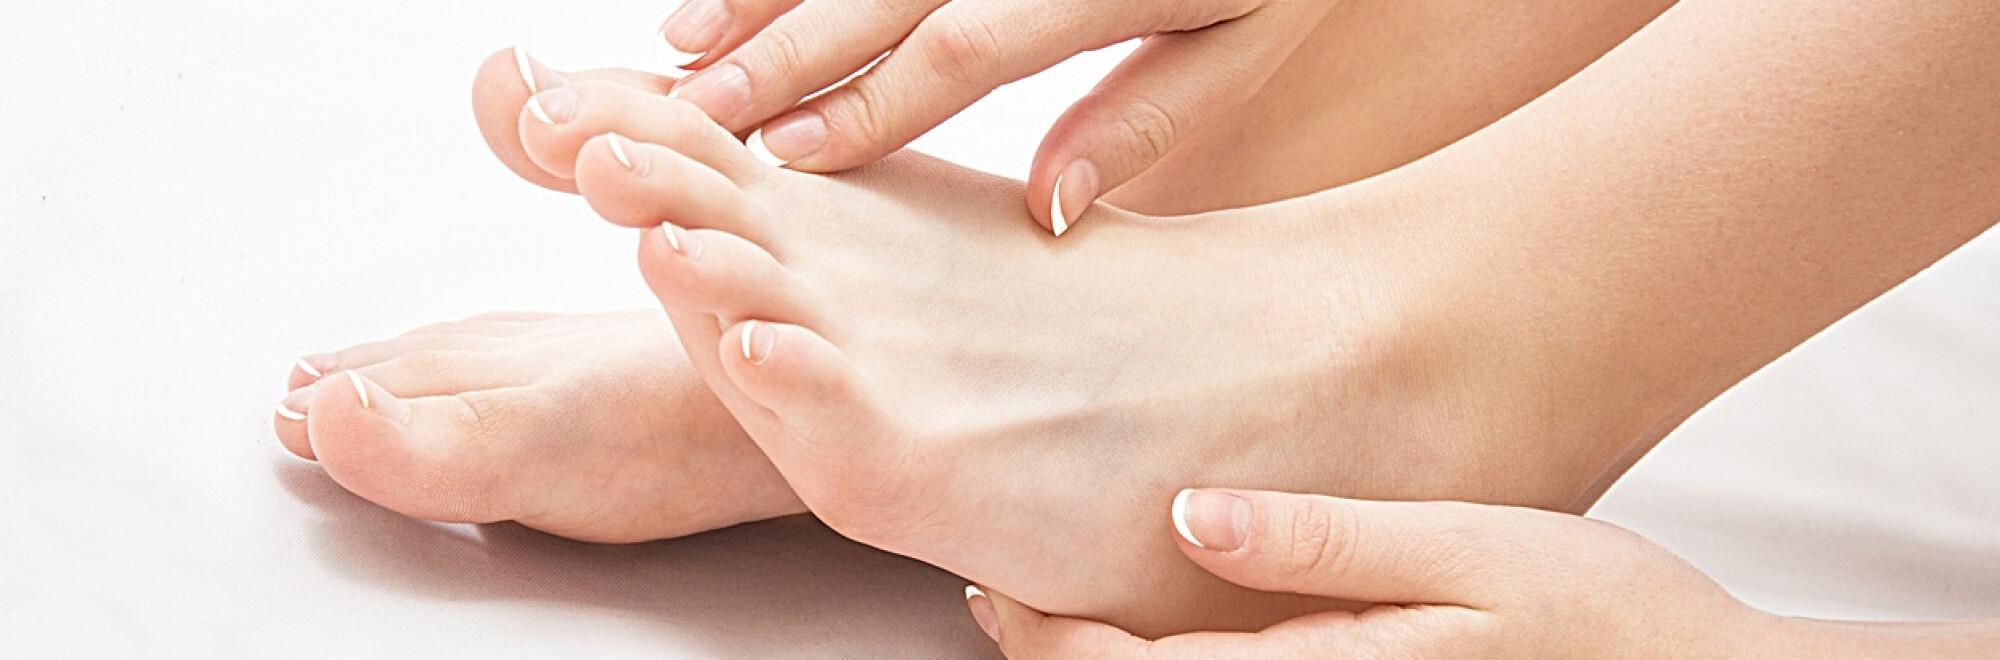 dureri la încheietura mâinii sau musculare artroza exercițiului de tratament al articulațiilor umărului